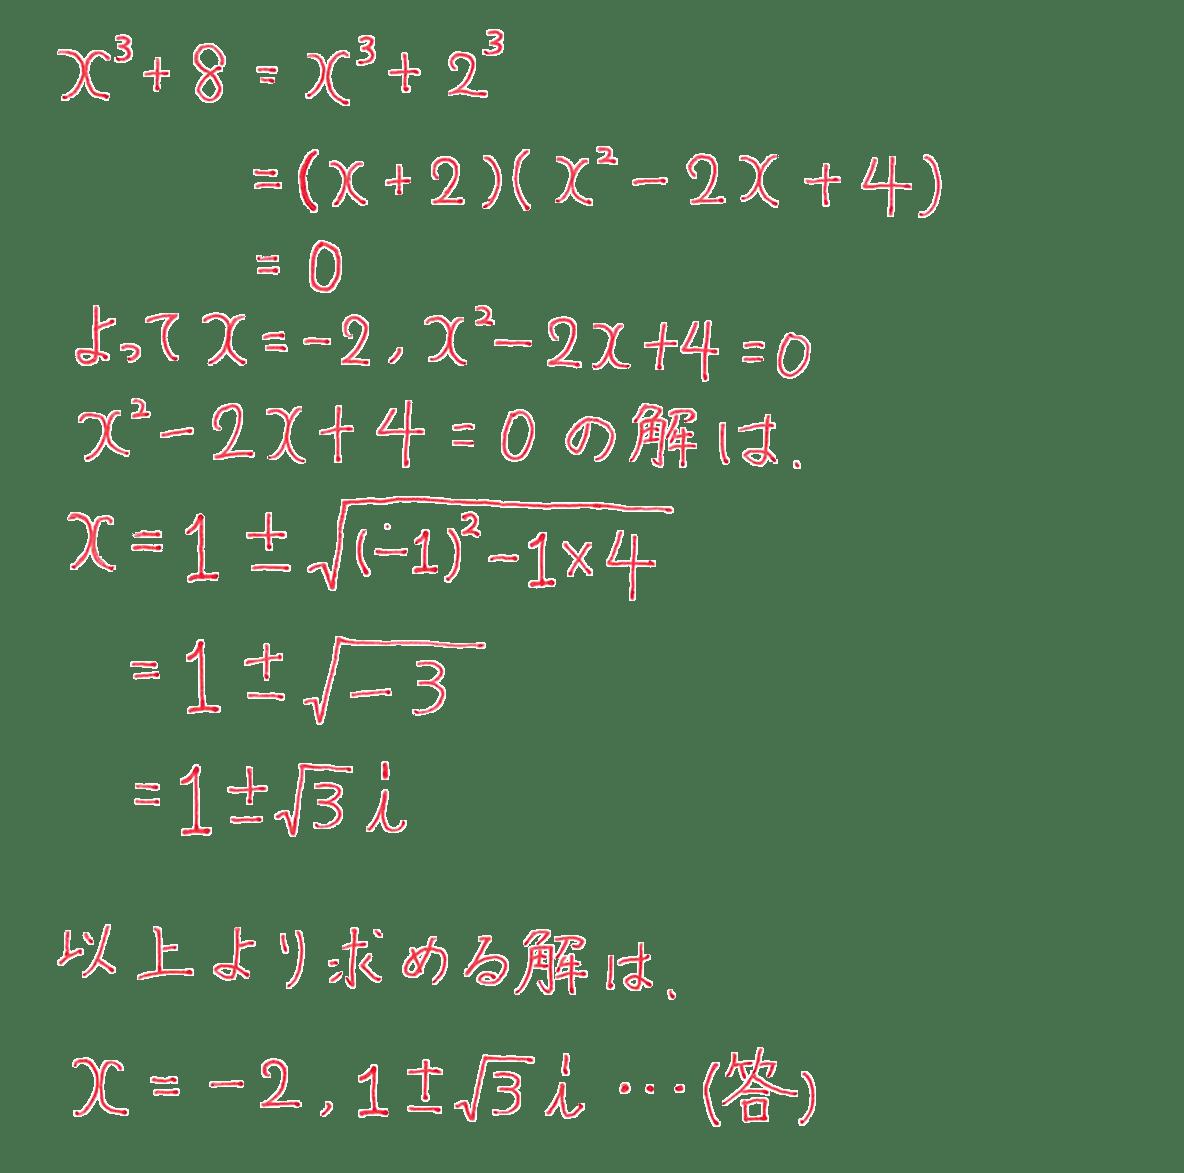 高校数学Ⅱ 複素数と方程式15 練習 答え